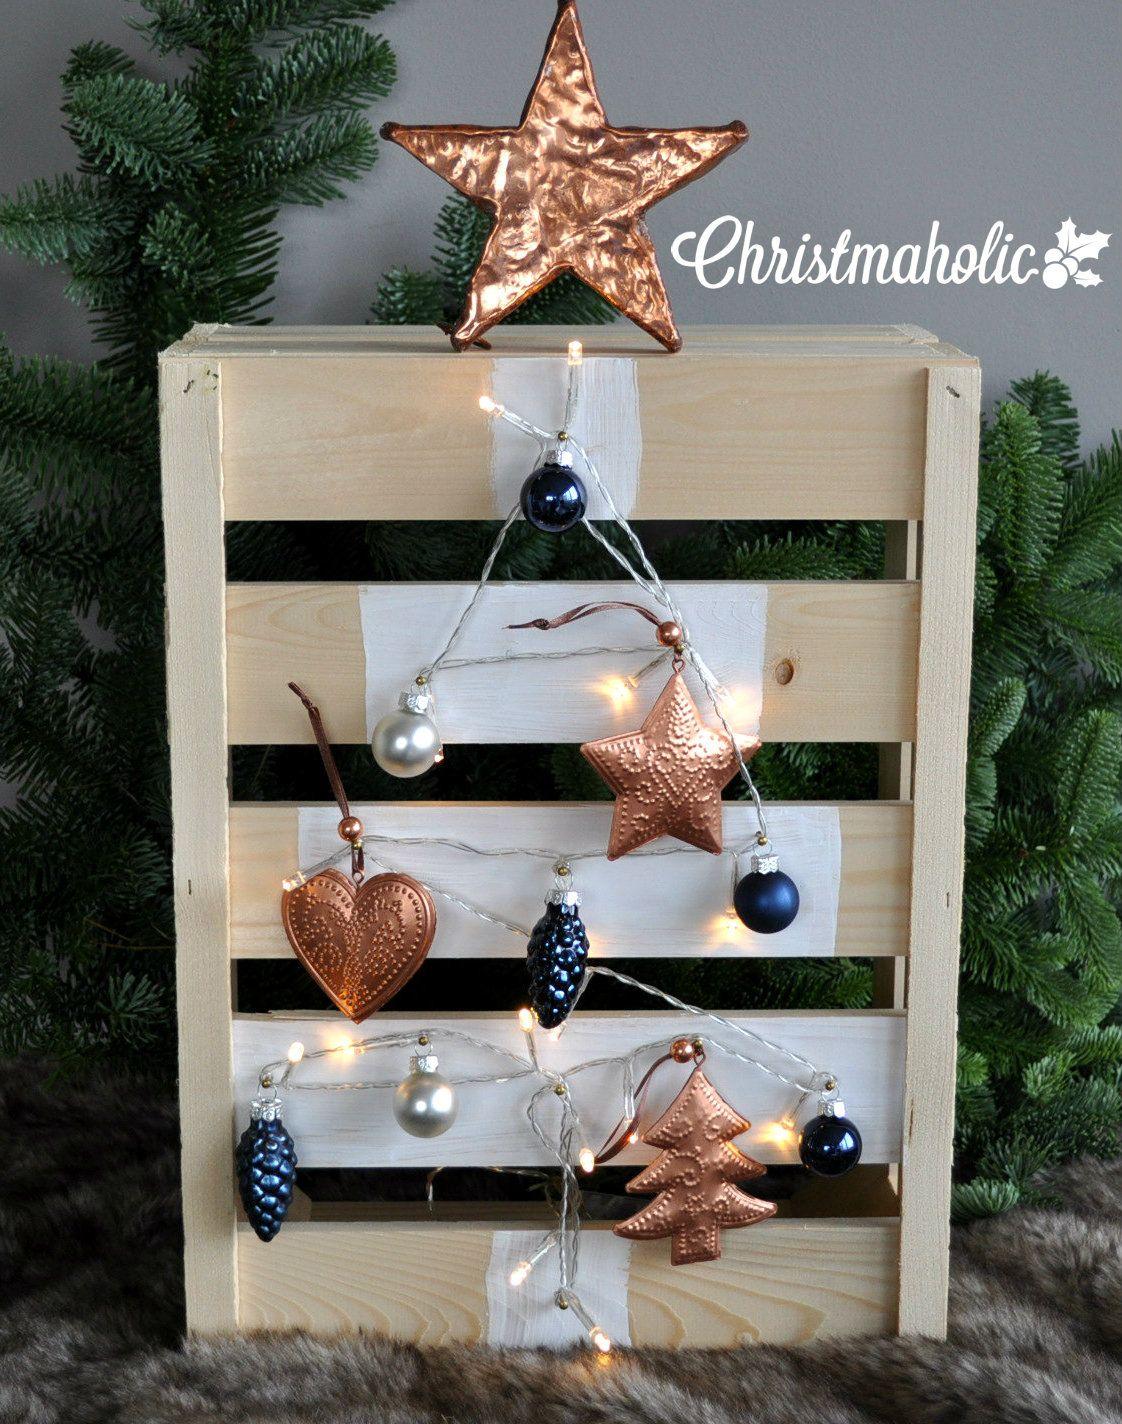 Houten kerstboom maken van een fruitkistje kerst knutselen kerstbomen en kerst - Een houten boom maken ...